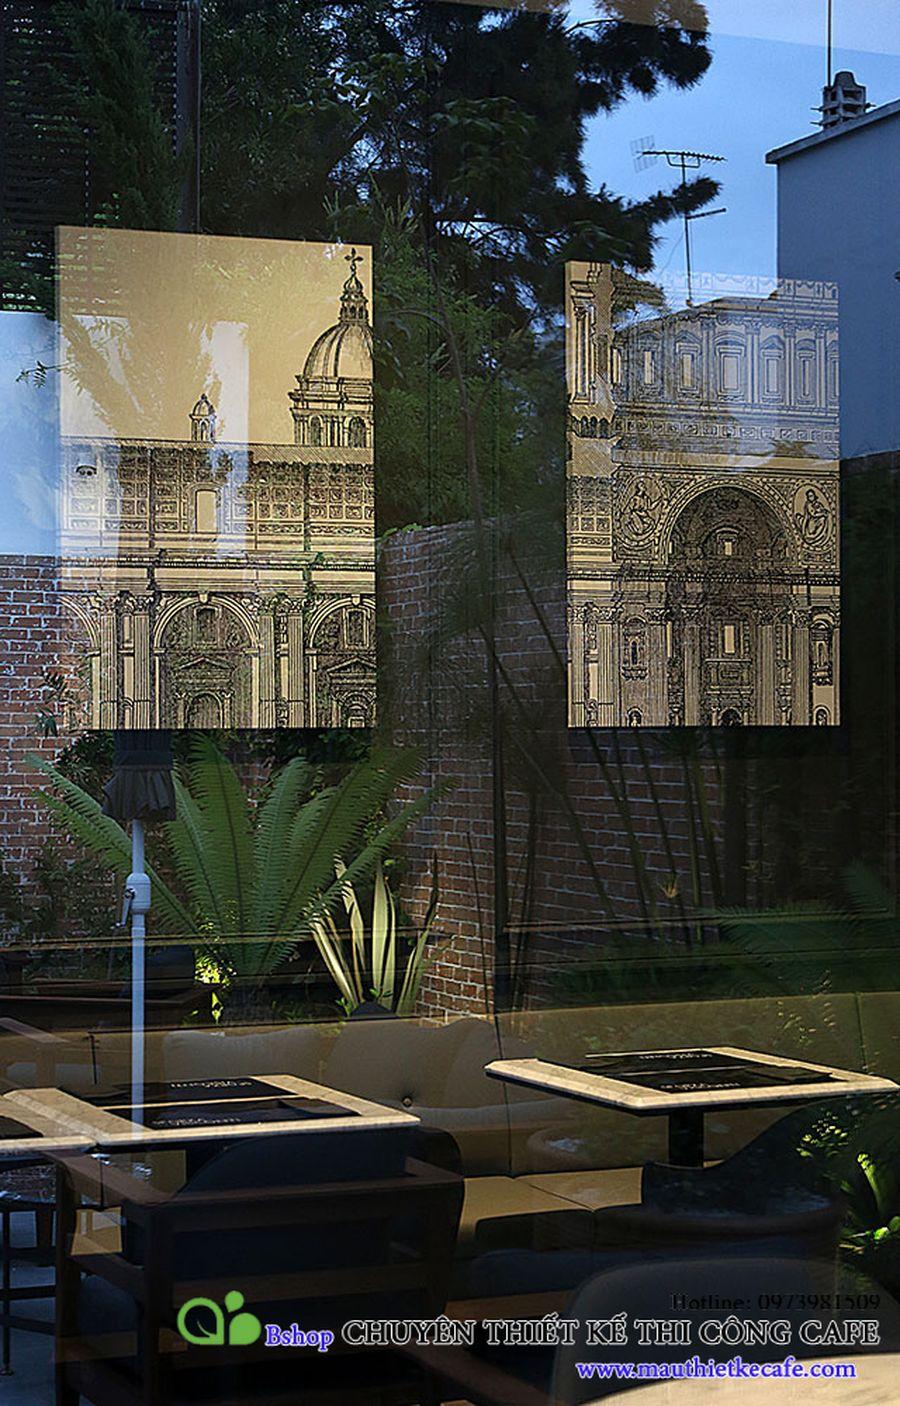 cafe Sforza-Visconti sang trong trong long almaz (12)mauthietkecafe.com